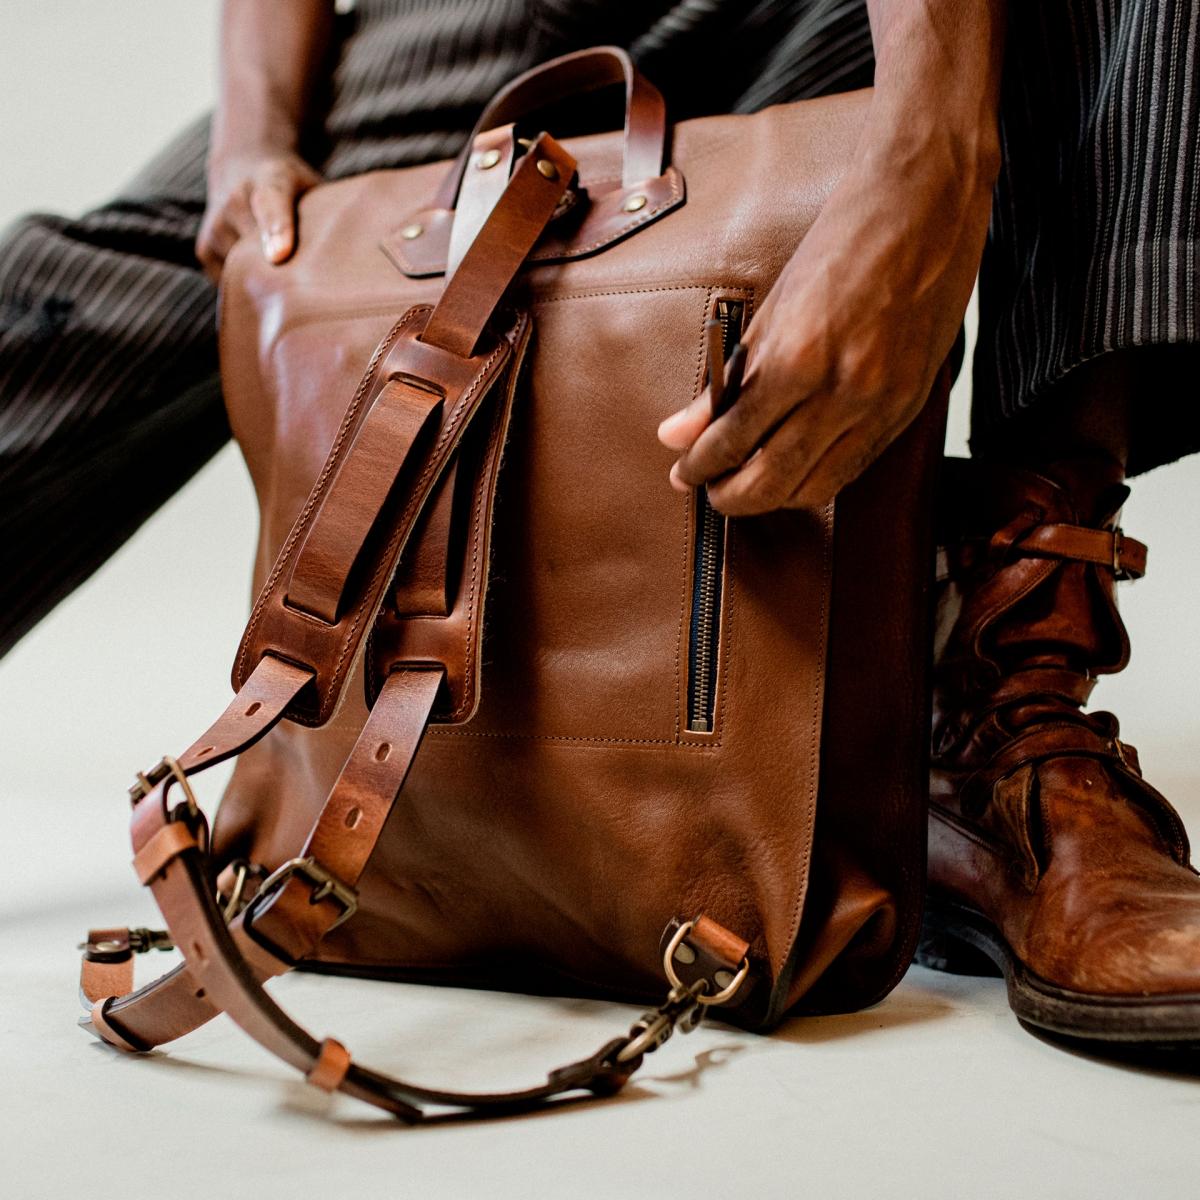 Arlo leather backpack - Cuba Libre / E Pure (image n°5)